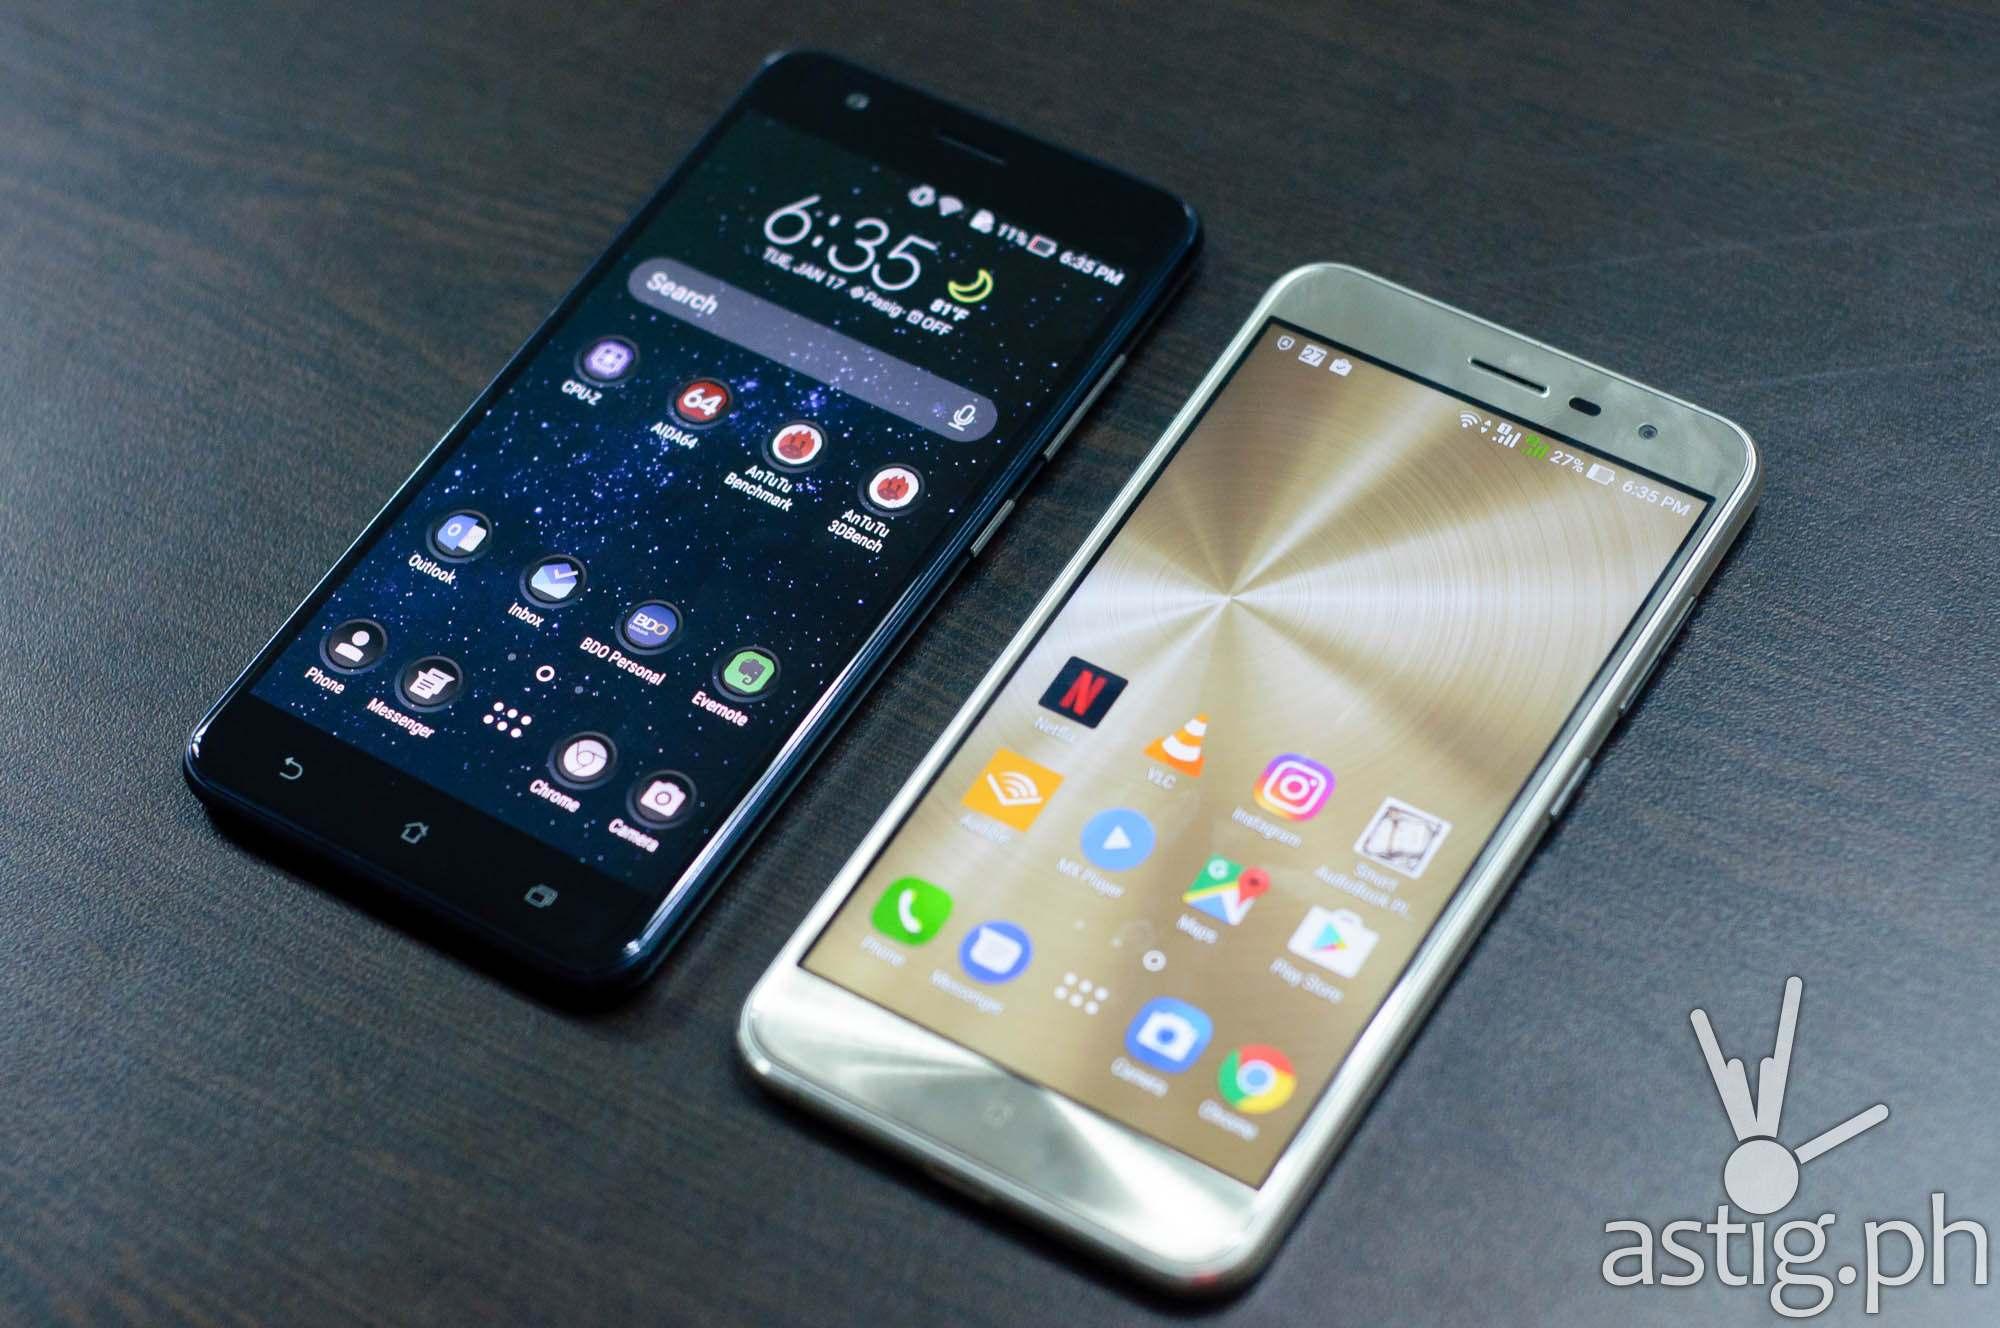 ASUS Zenfone 3 Zoom (left) vs ASUS Zenfone 3 5.5 (right) - front